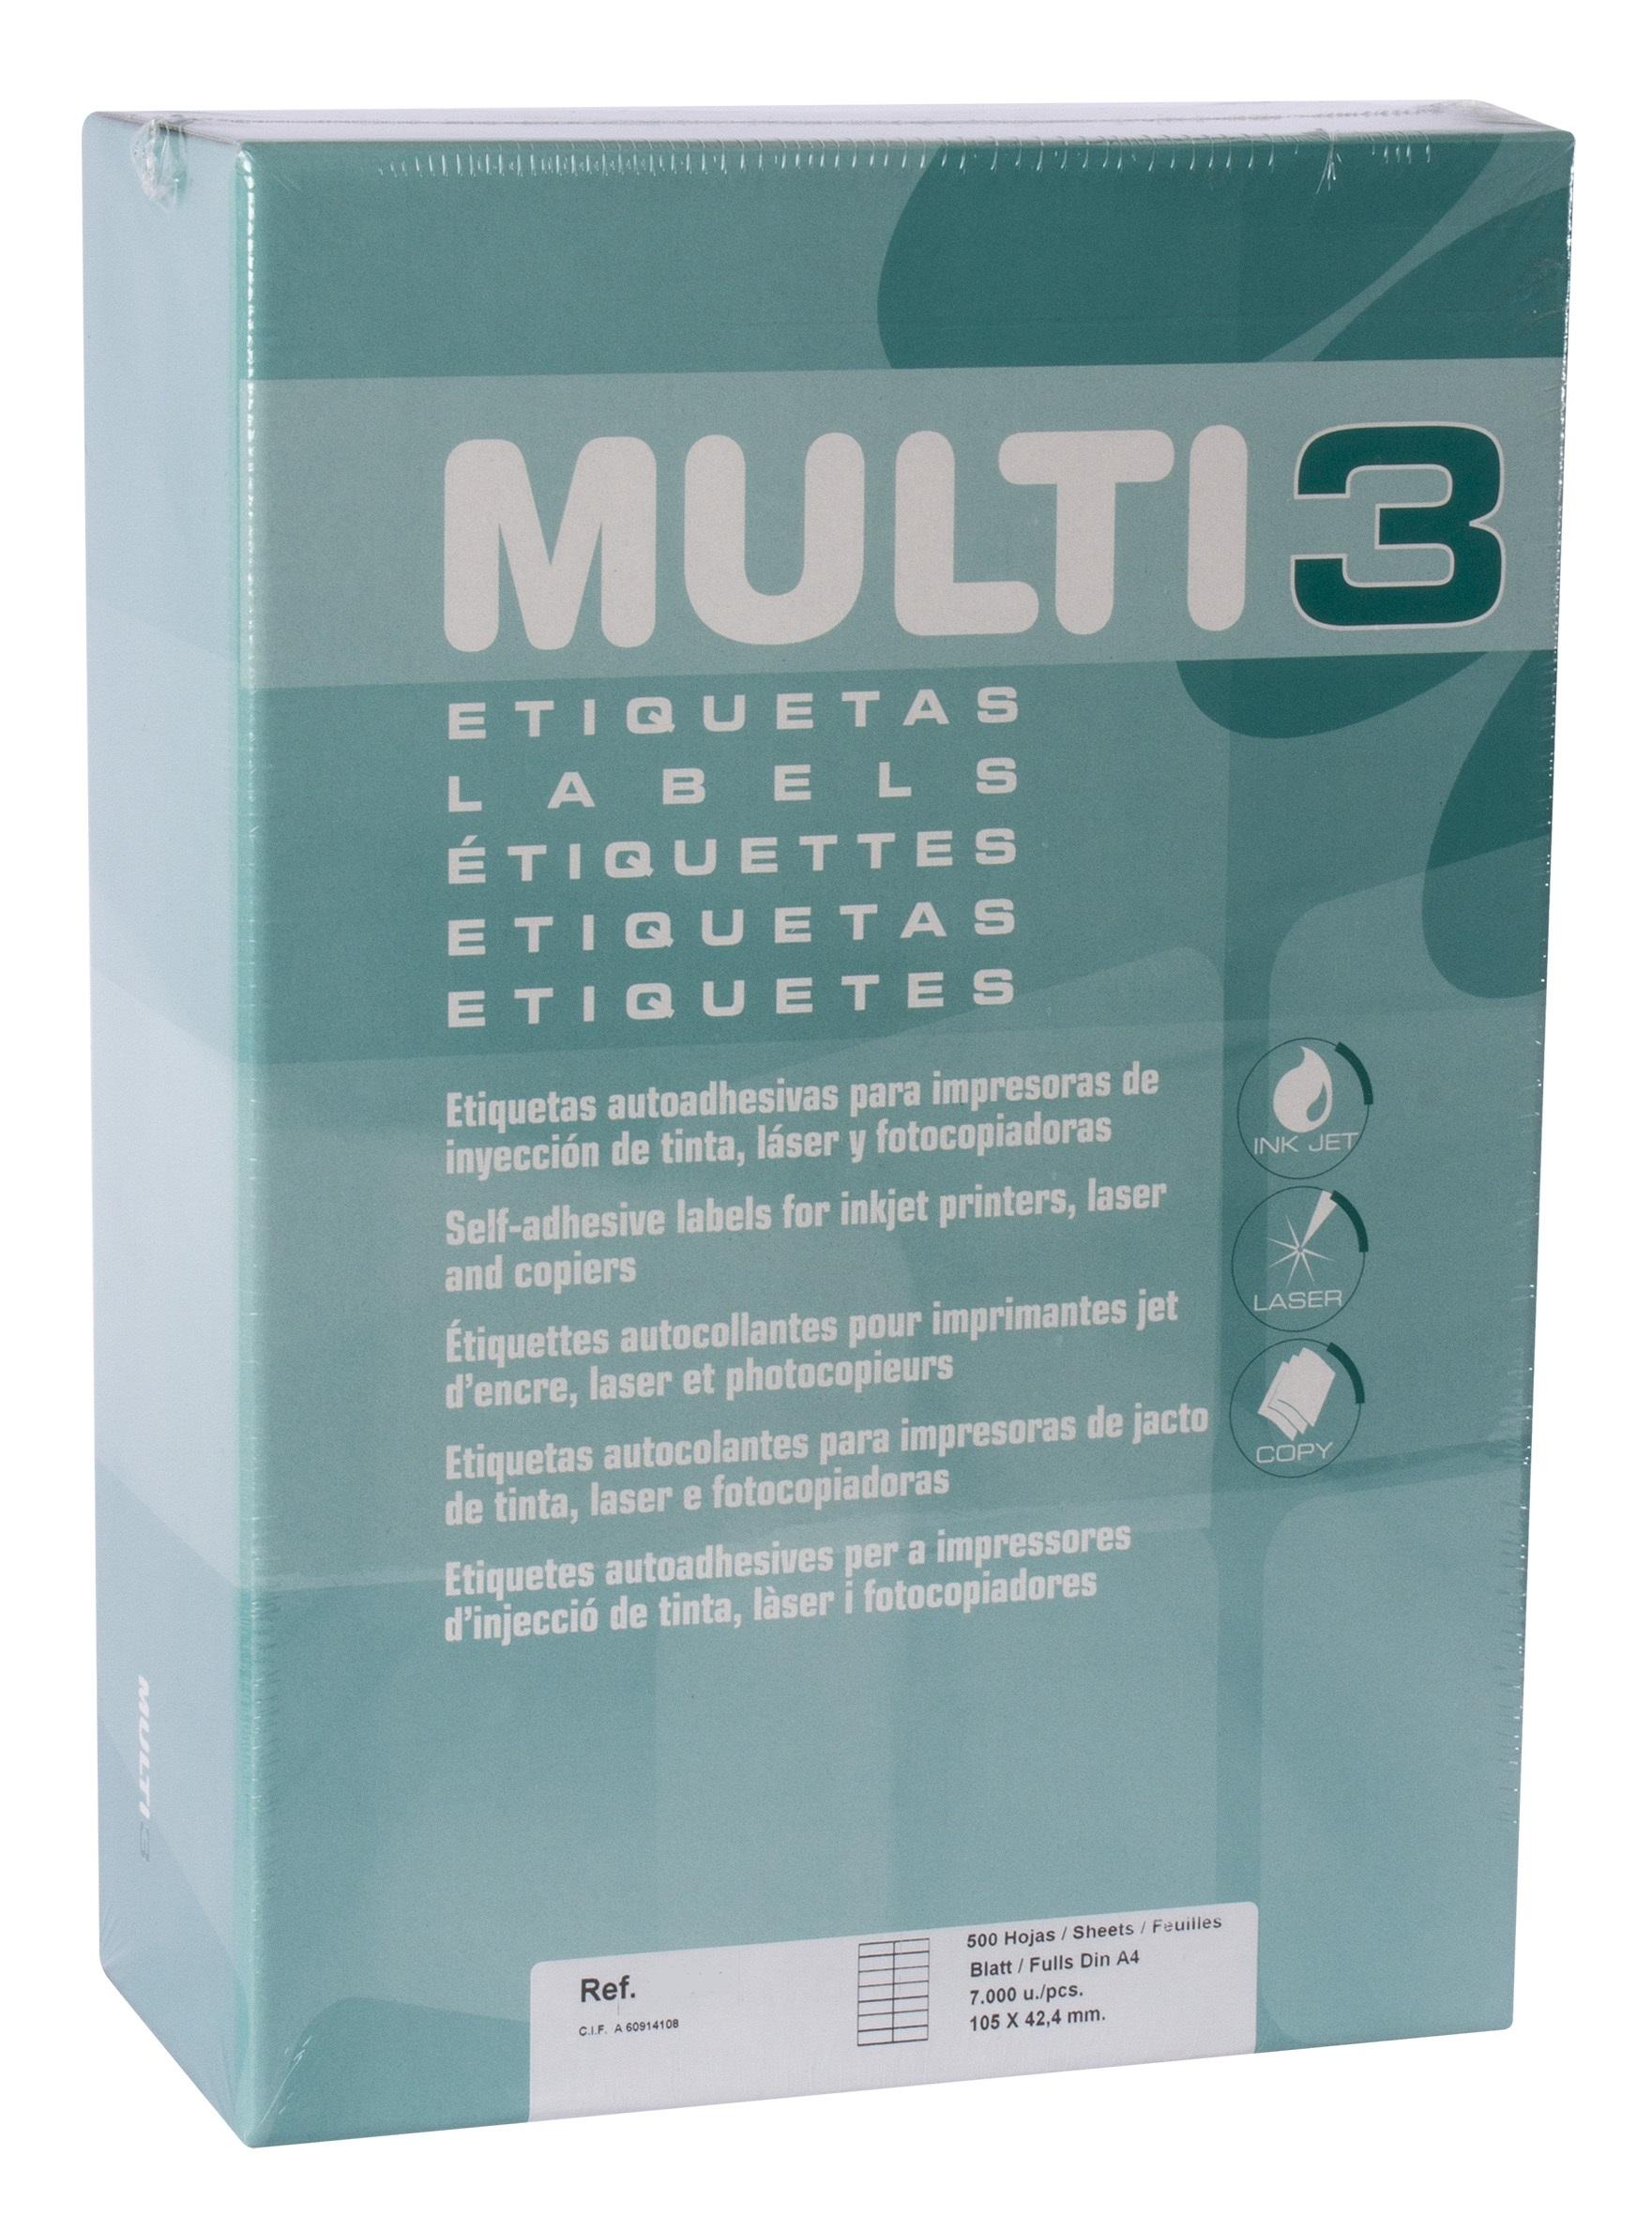 Caja etiquetas Multi3 500h 38X21.2